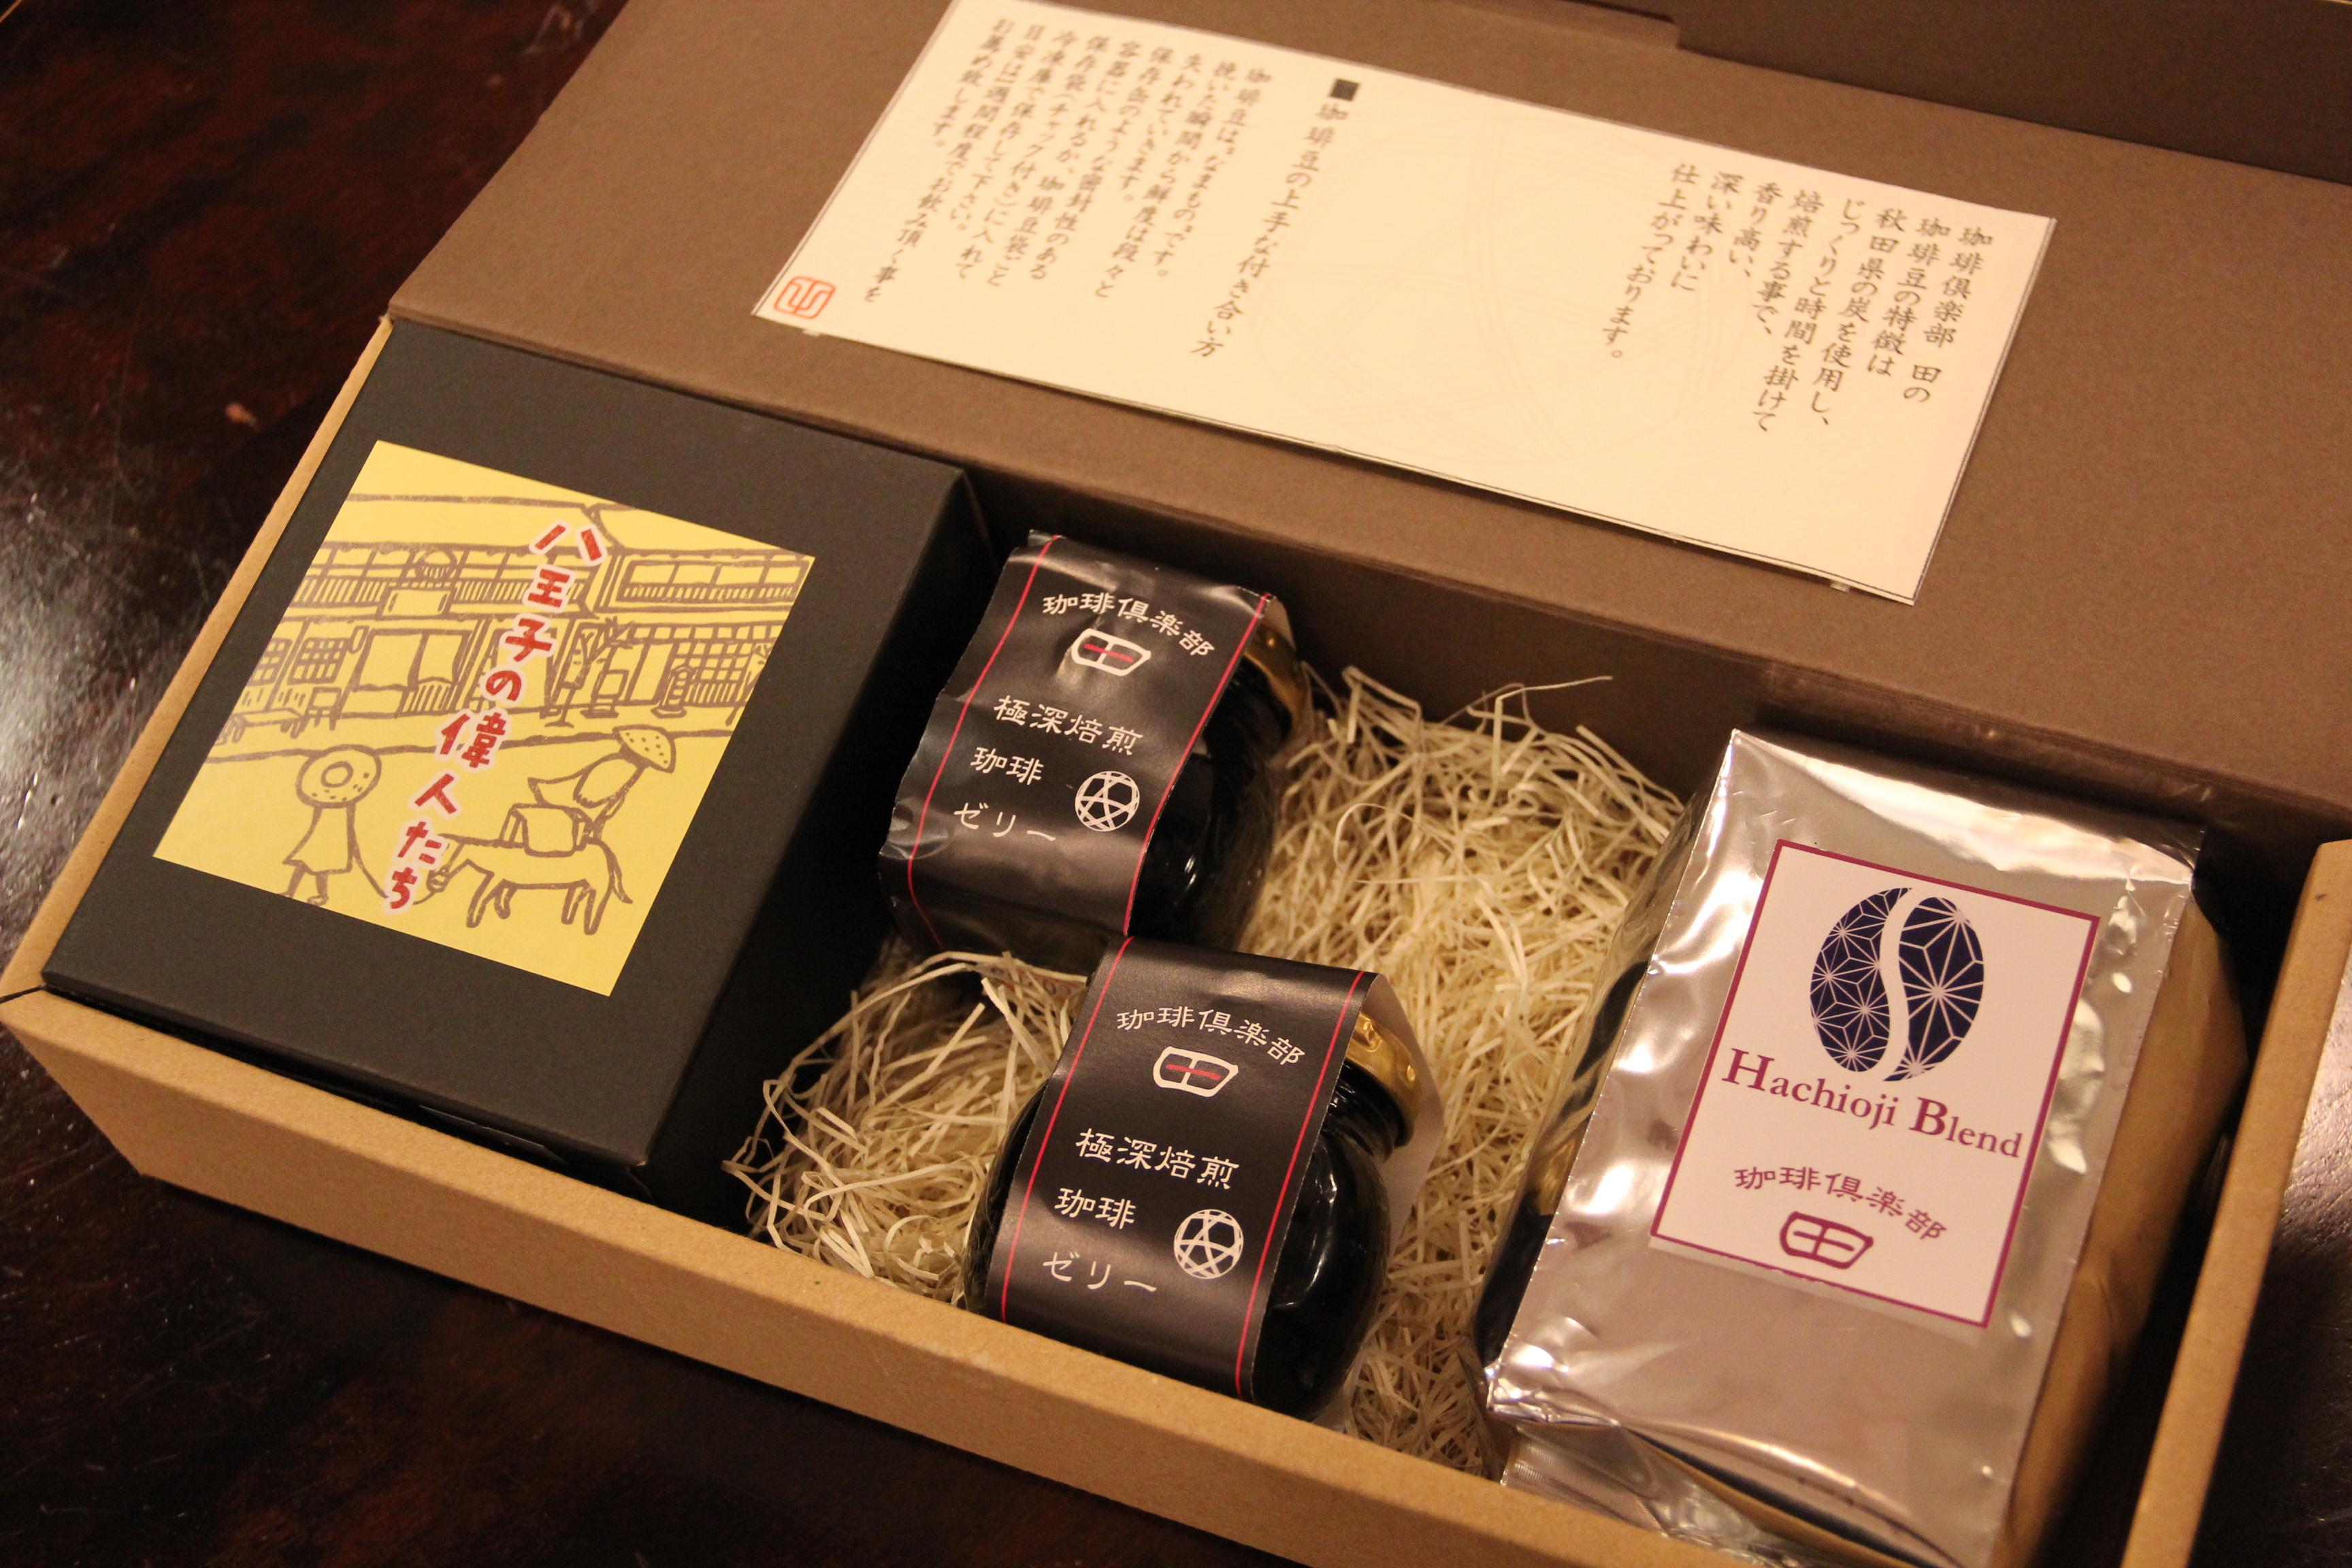 [ギフトセット]珈琲豆200g1袋、ドリップ珈琲1箱、珈琲ゼリー2個が入った特選ギフト